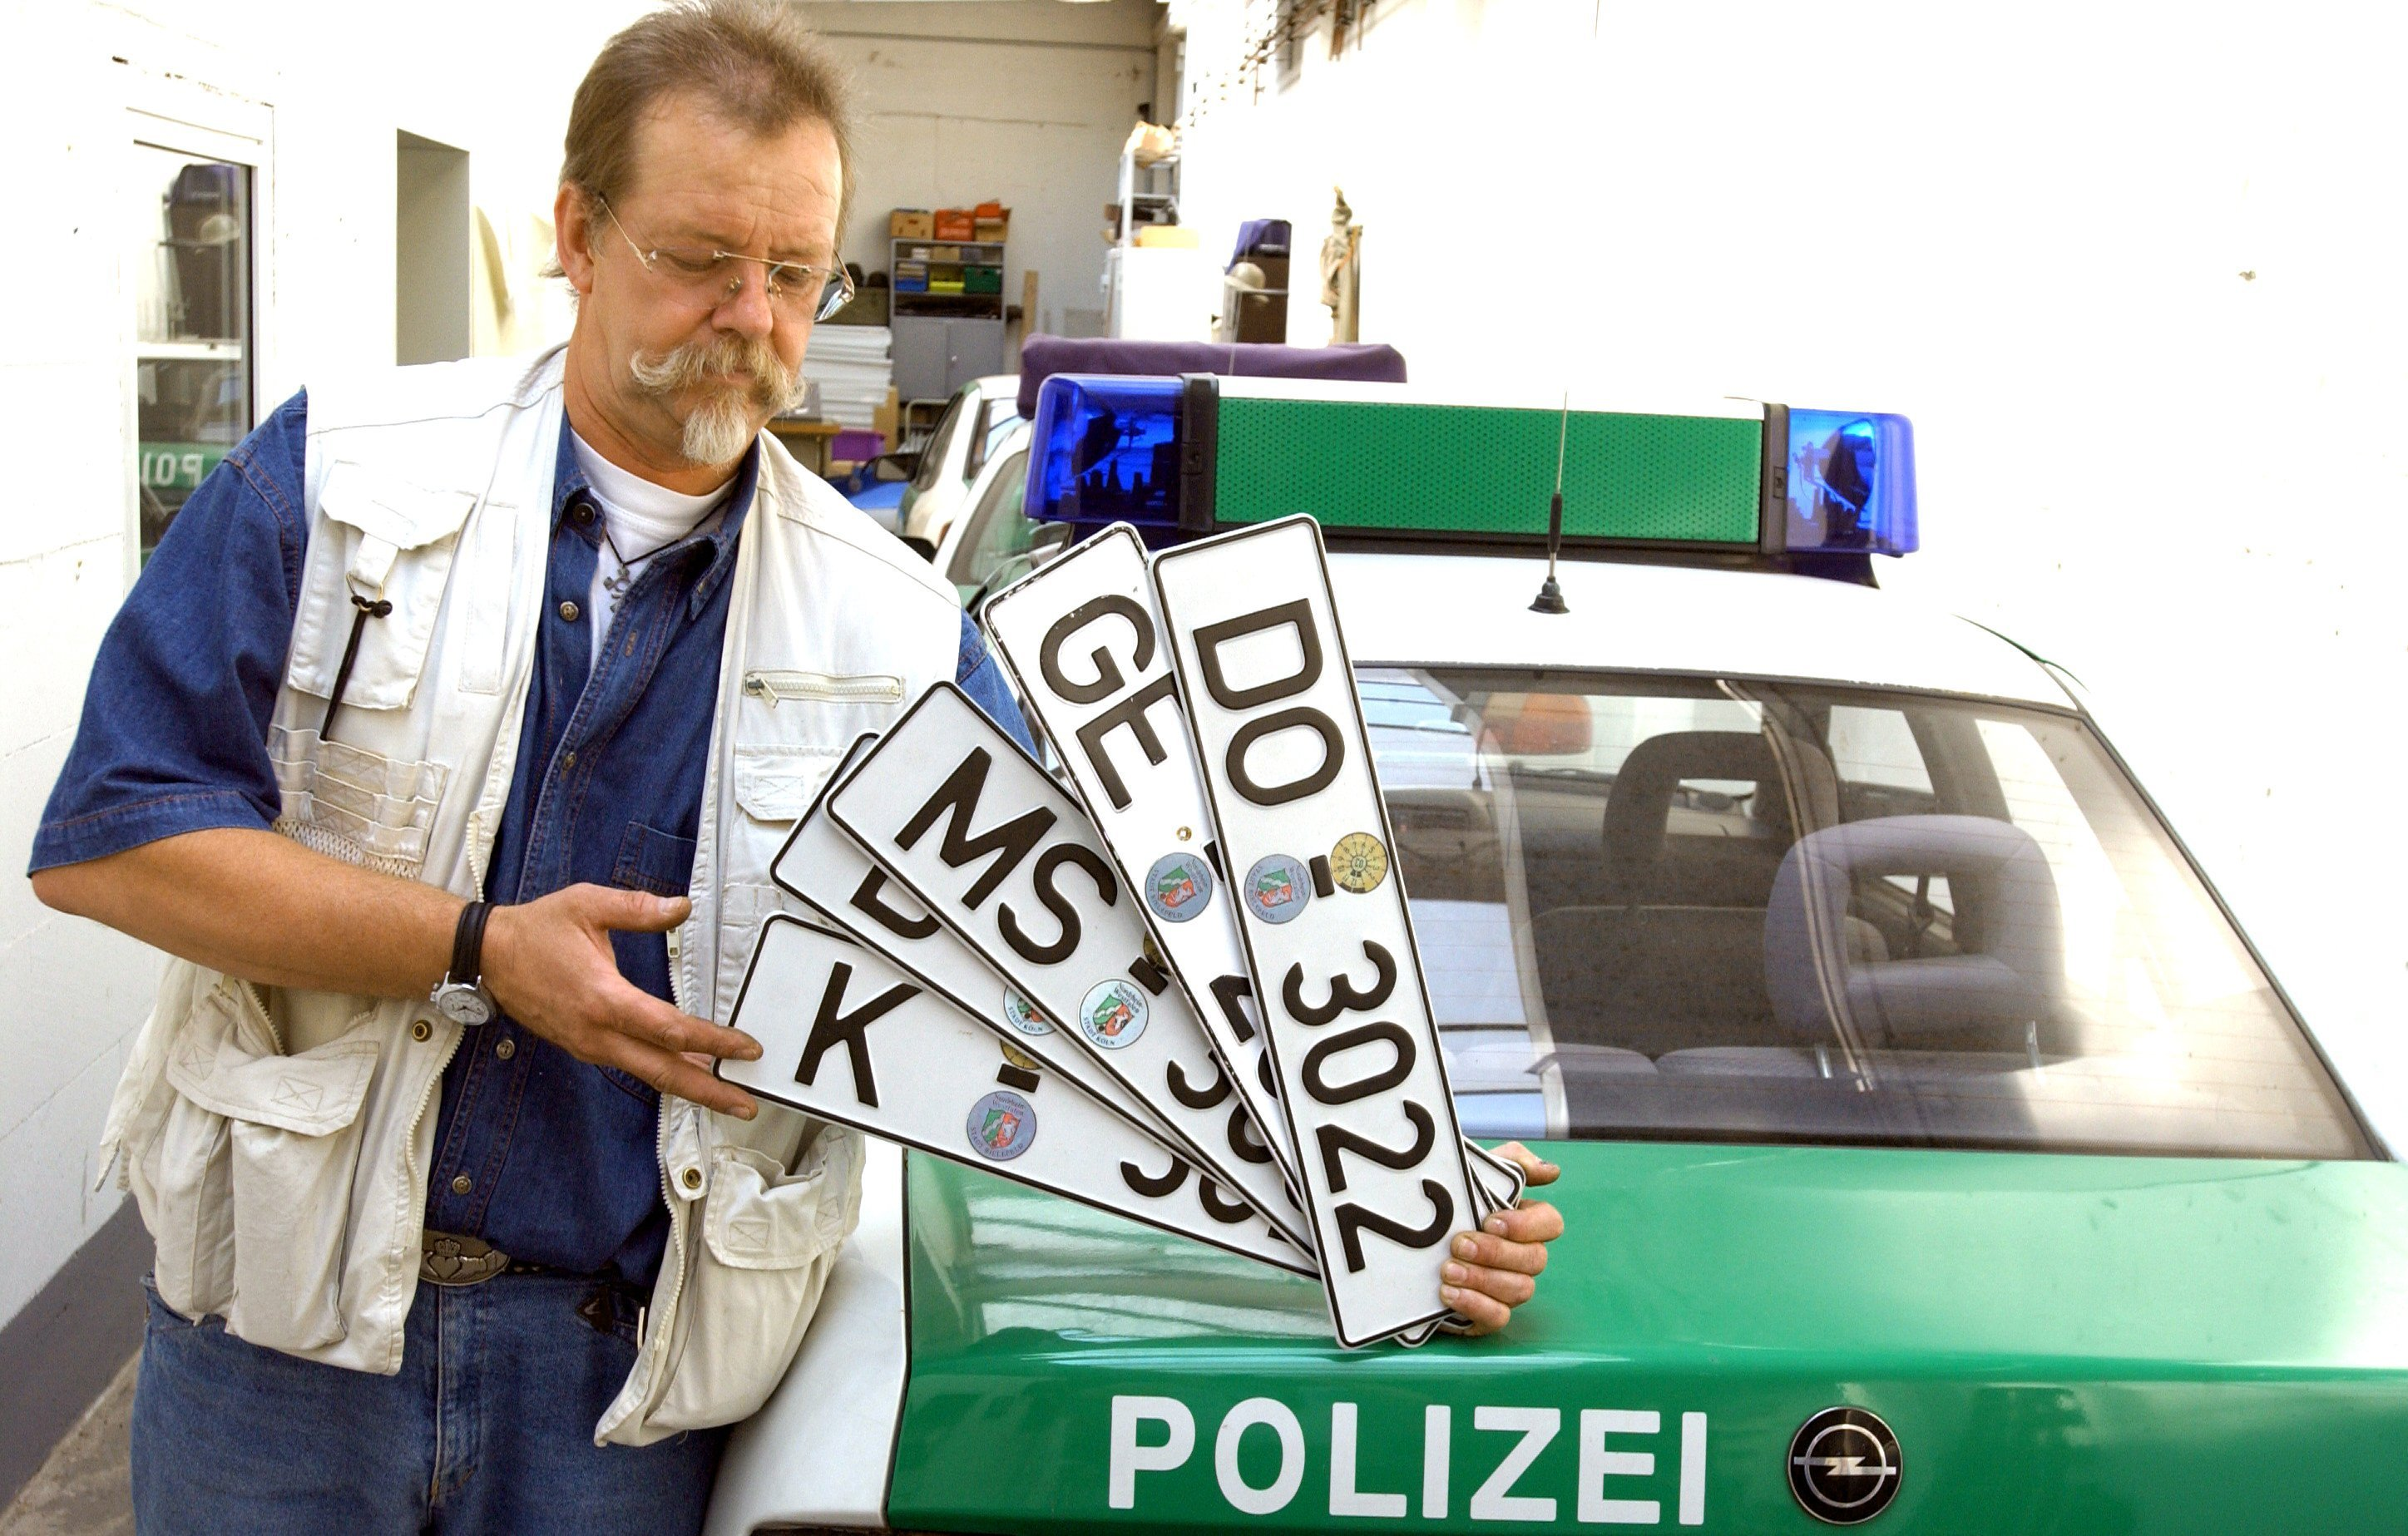 Der automatische Scan der Nummernschilder verstößt nicht gegen Grundrecht, urteilte das Bundesverwaltungsgericht. Begründung: Wenn sich kein Verdacht auf Autodiebstahl ergibt, löscht die Polizei die Nummer ohne den Halter zu ermitteln.